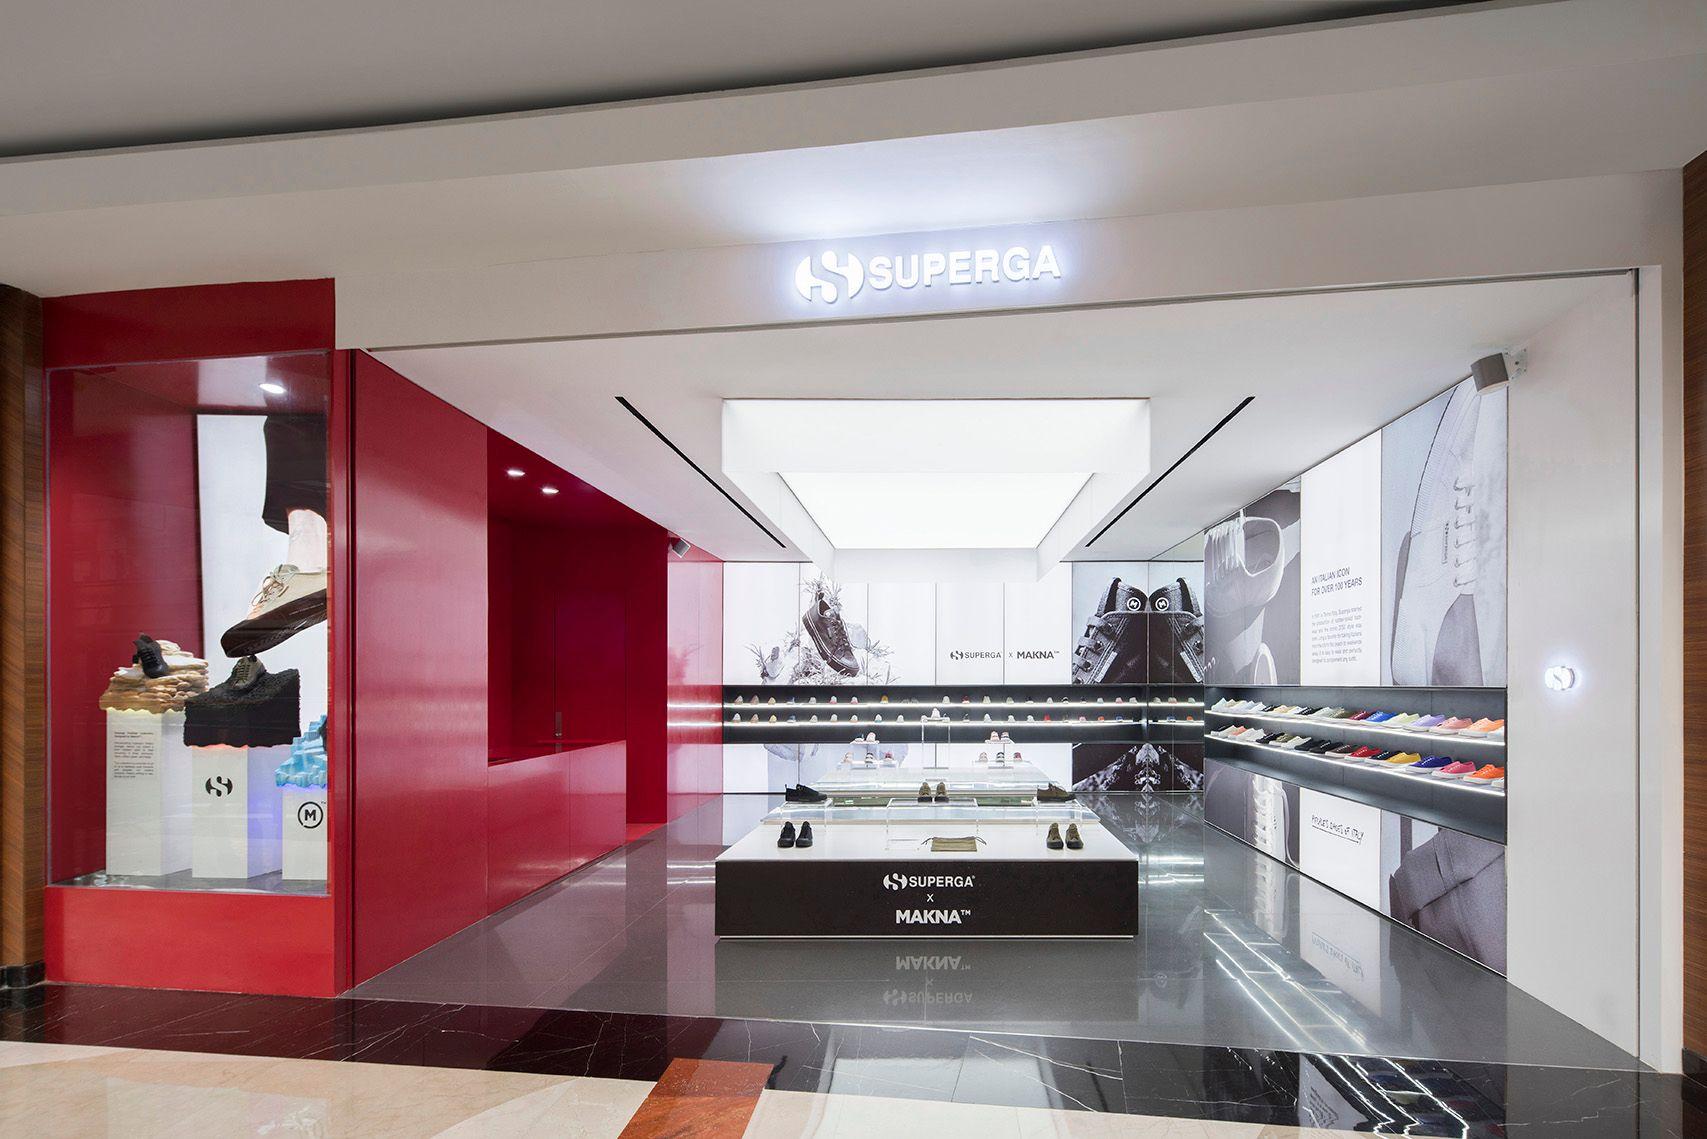 Trend Baru dari Koleksi Superga kini Hadir di Pondok Indah Mall